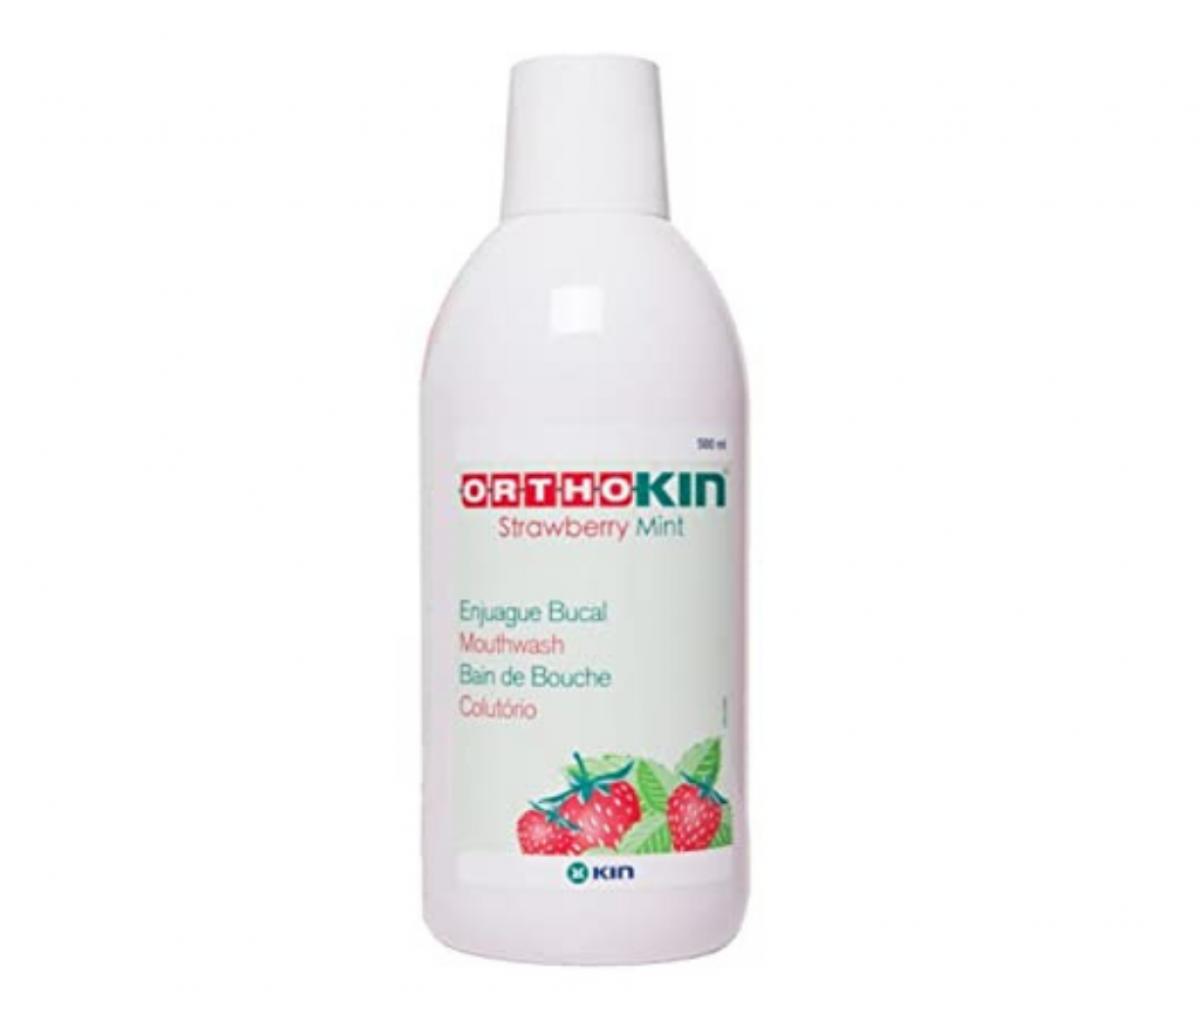 KIN Orthokin Strawberry Mouthwash